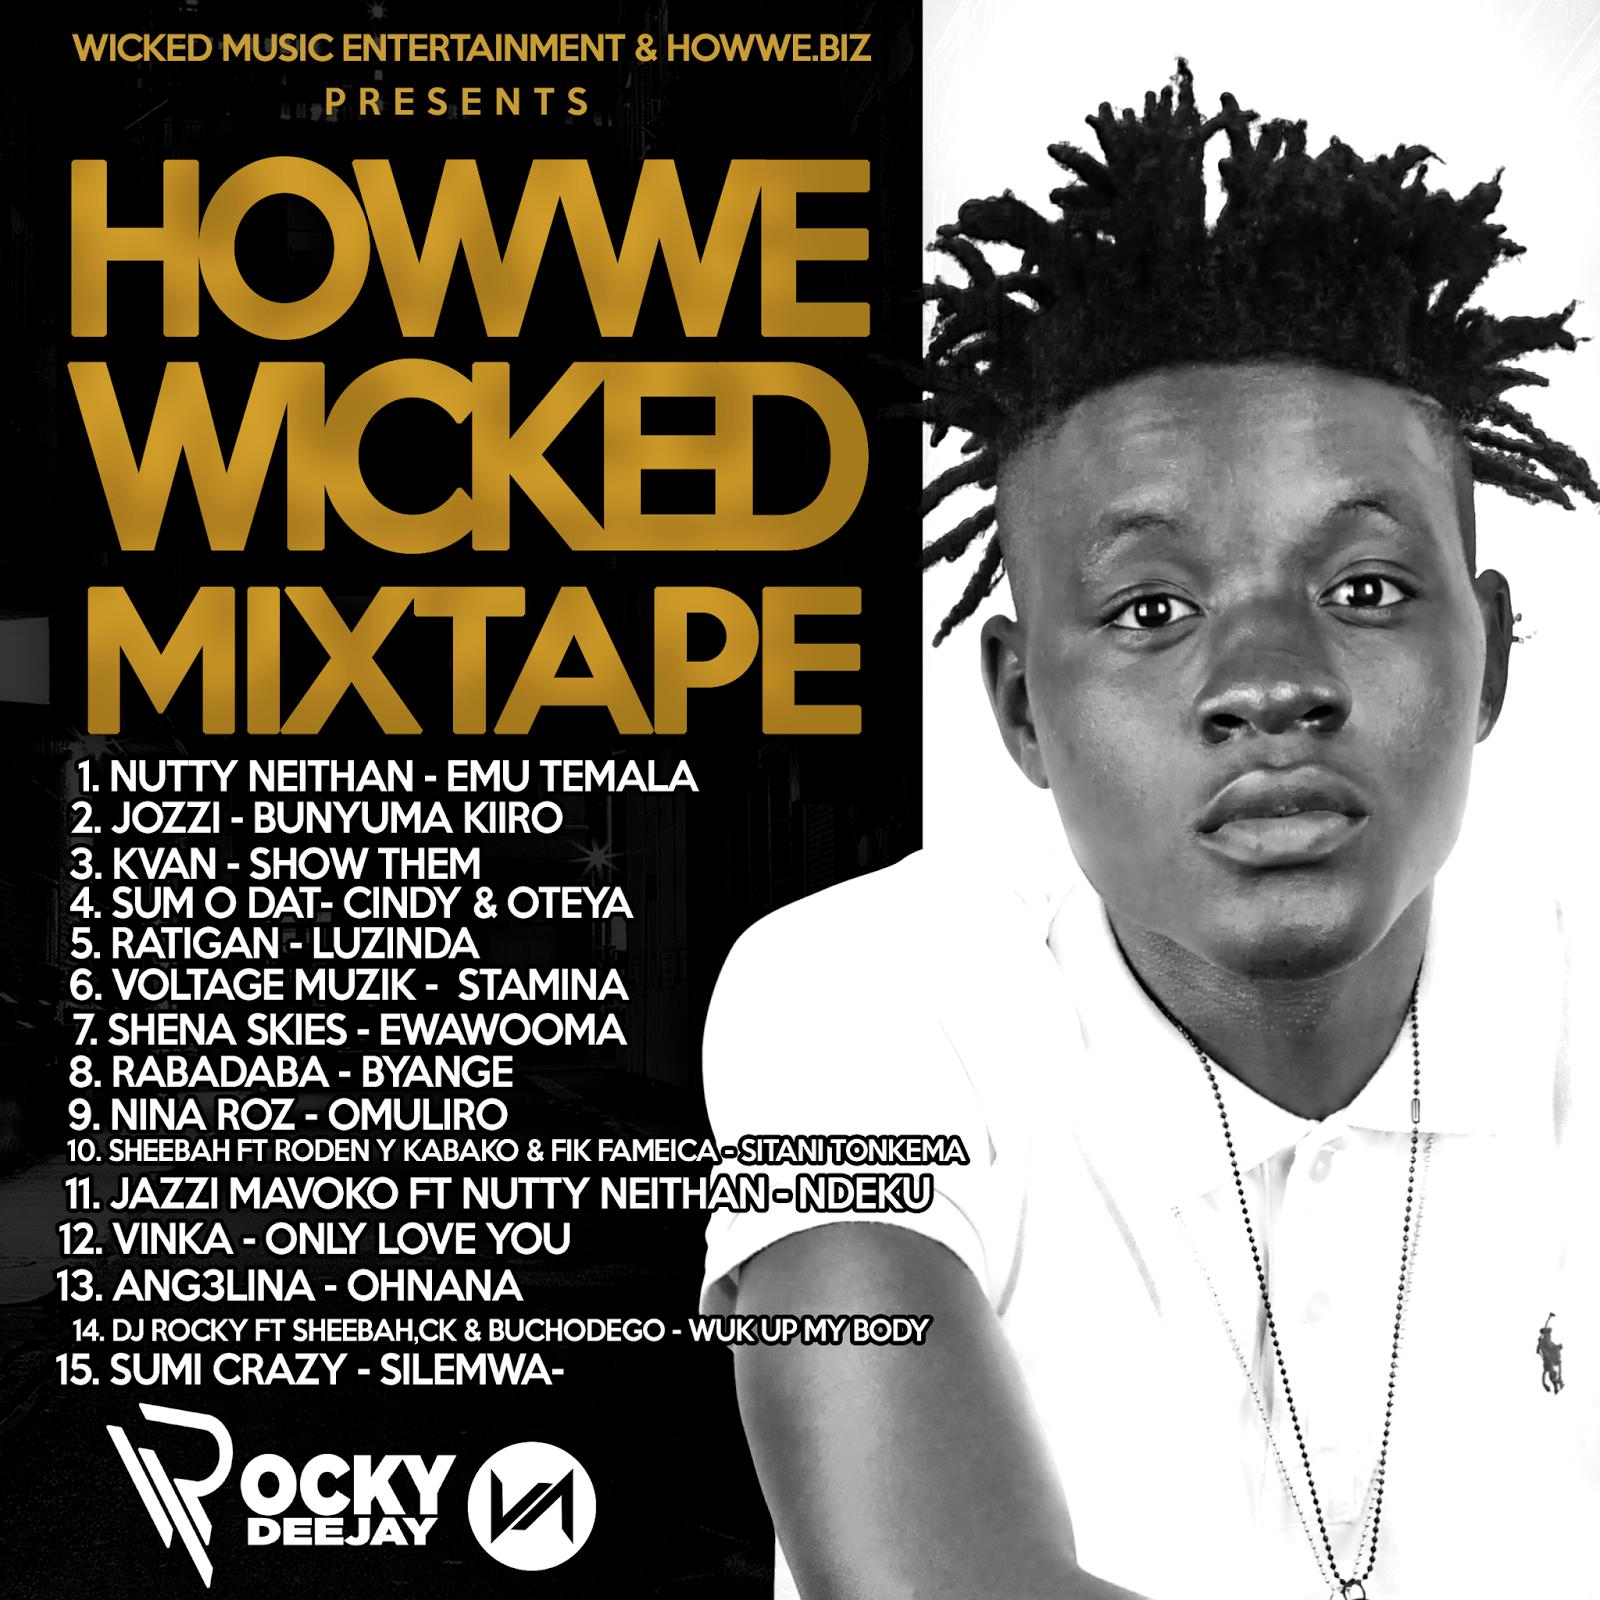 HOWWE WICKED MIX III - DJ ROCKY